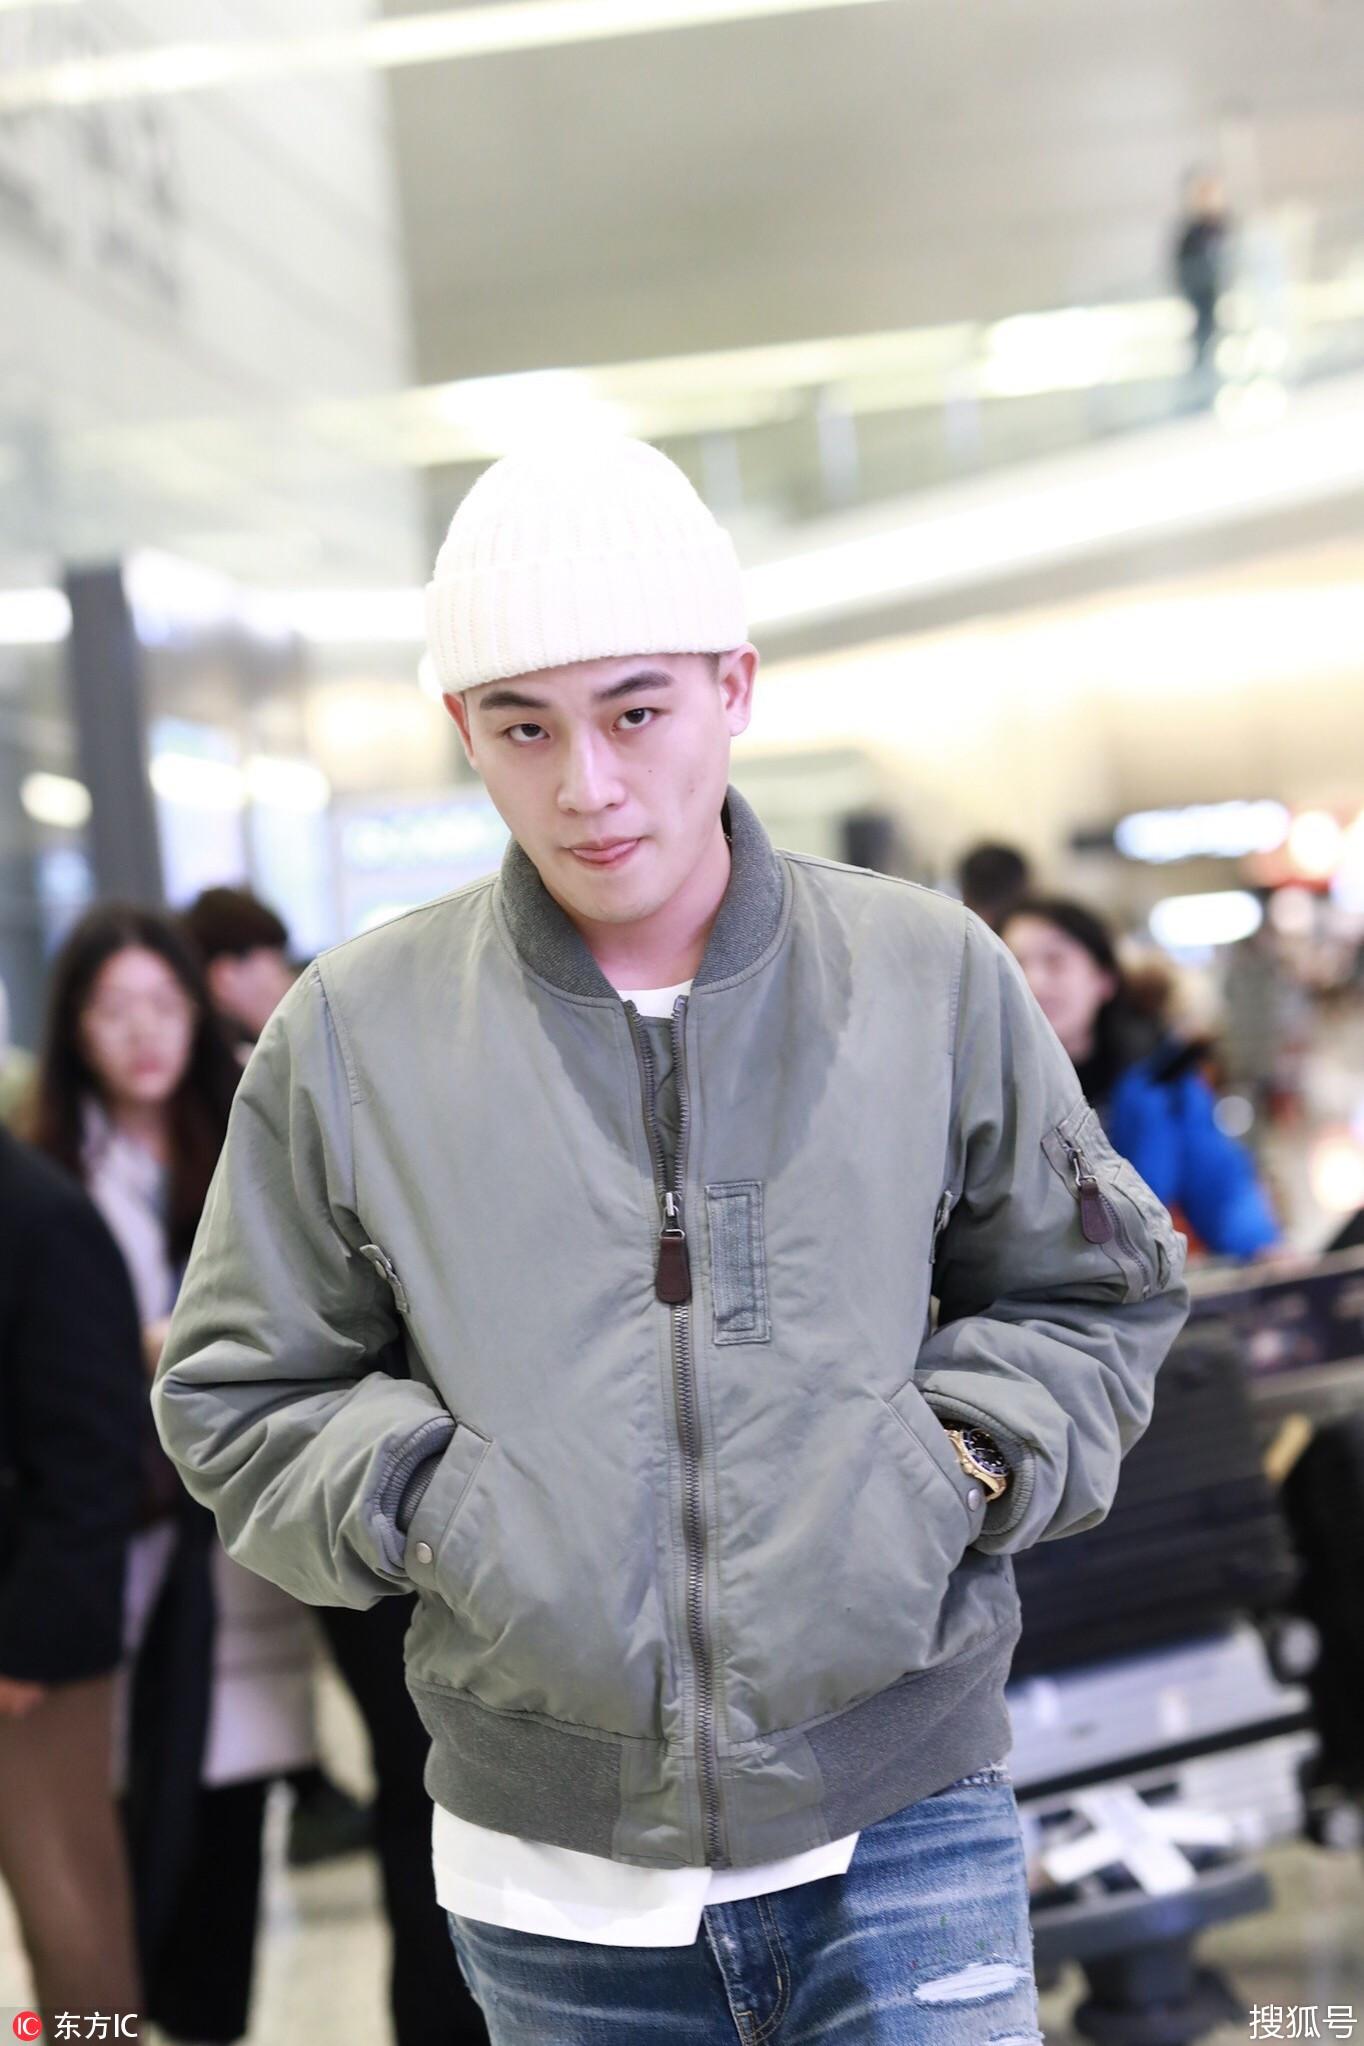 2019年2月27日,北京,欧豪现身机场。 当天,他军绿色飞行员外套+白TEE+破洞牛仔裤+白色针织帽。 戴着白帽的欧豪秒变小和尚,呆萌可爱。 一路上,欧豪表情百变,仿佛行走的表情包。 一会儿吐舌卖萌。 一会儿展现轻蔑微笑杀。 低头的欧豪眉头紧皱。 欧豪还回头比V。他一直给人的感觉都是痞帅痞帅的,你喜欢这款类型吗?